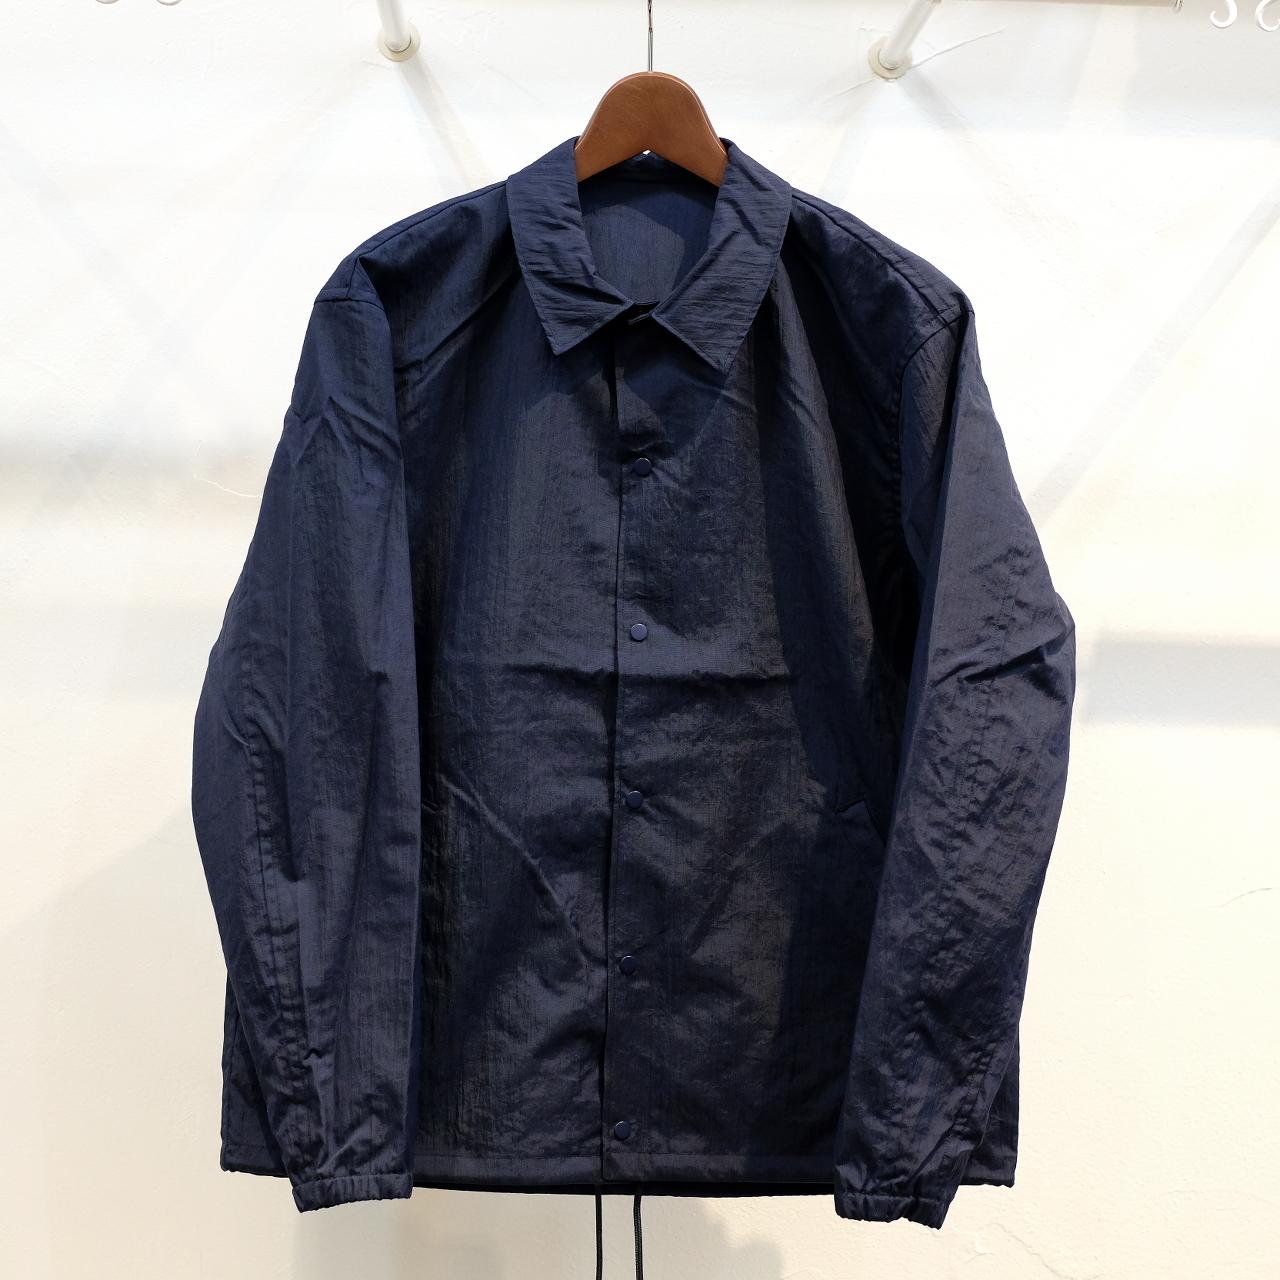 KUON(クオン) 塩縮ナイロン コーチジャケット ネイビー(アップサイクル襤褸)